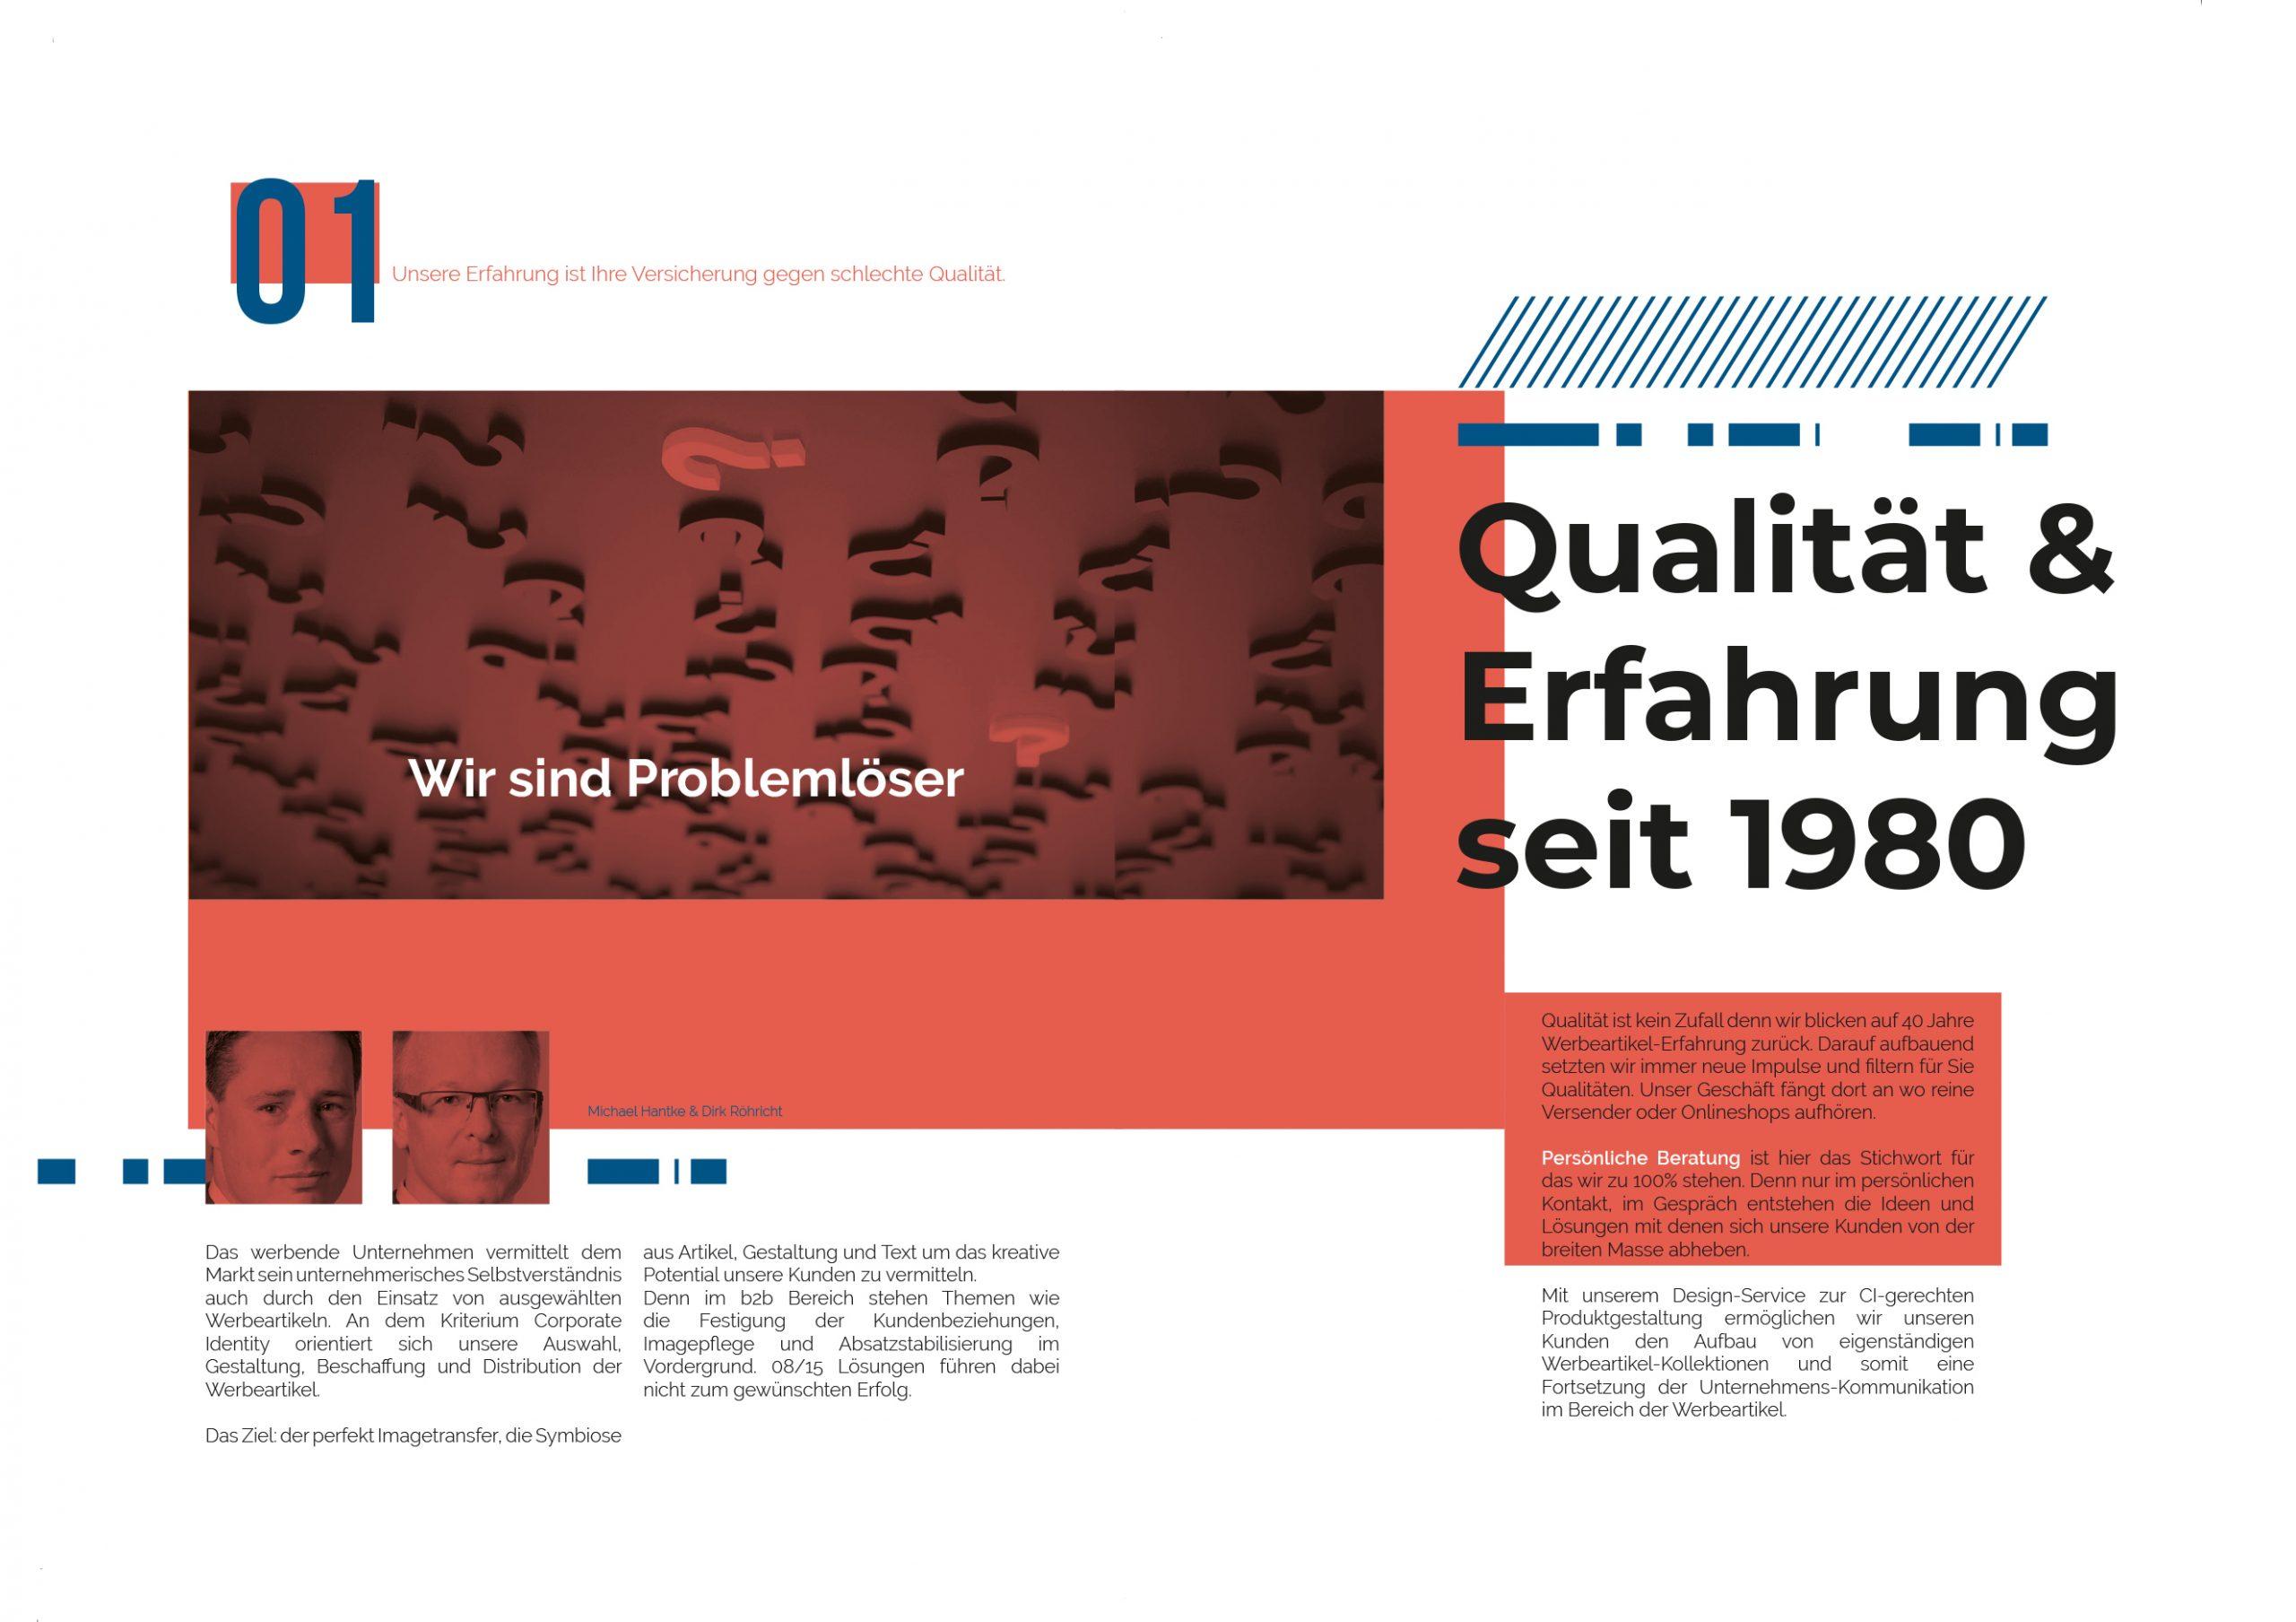 IWR seit 1980